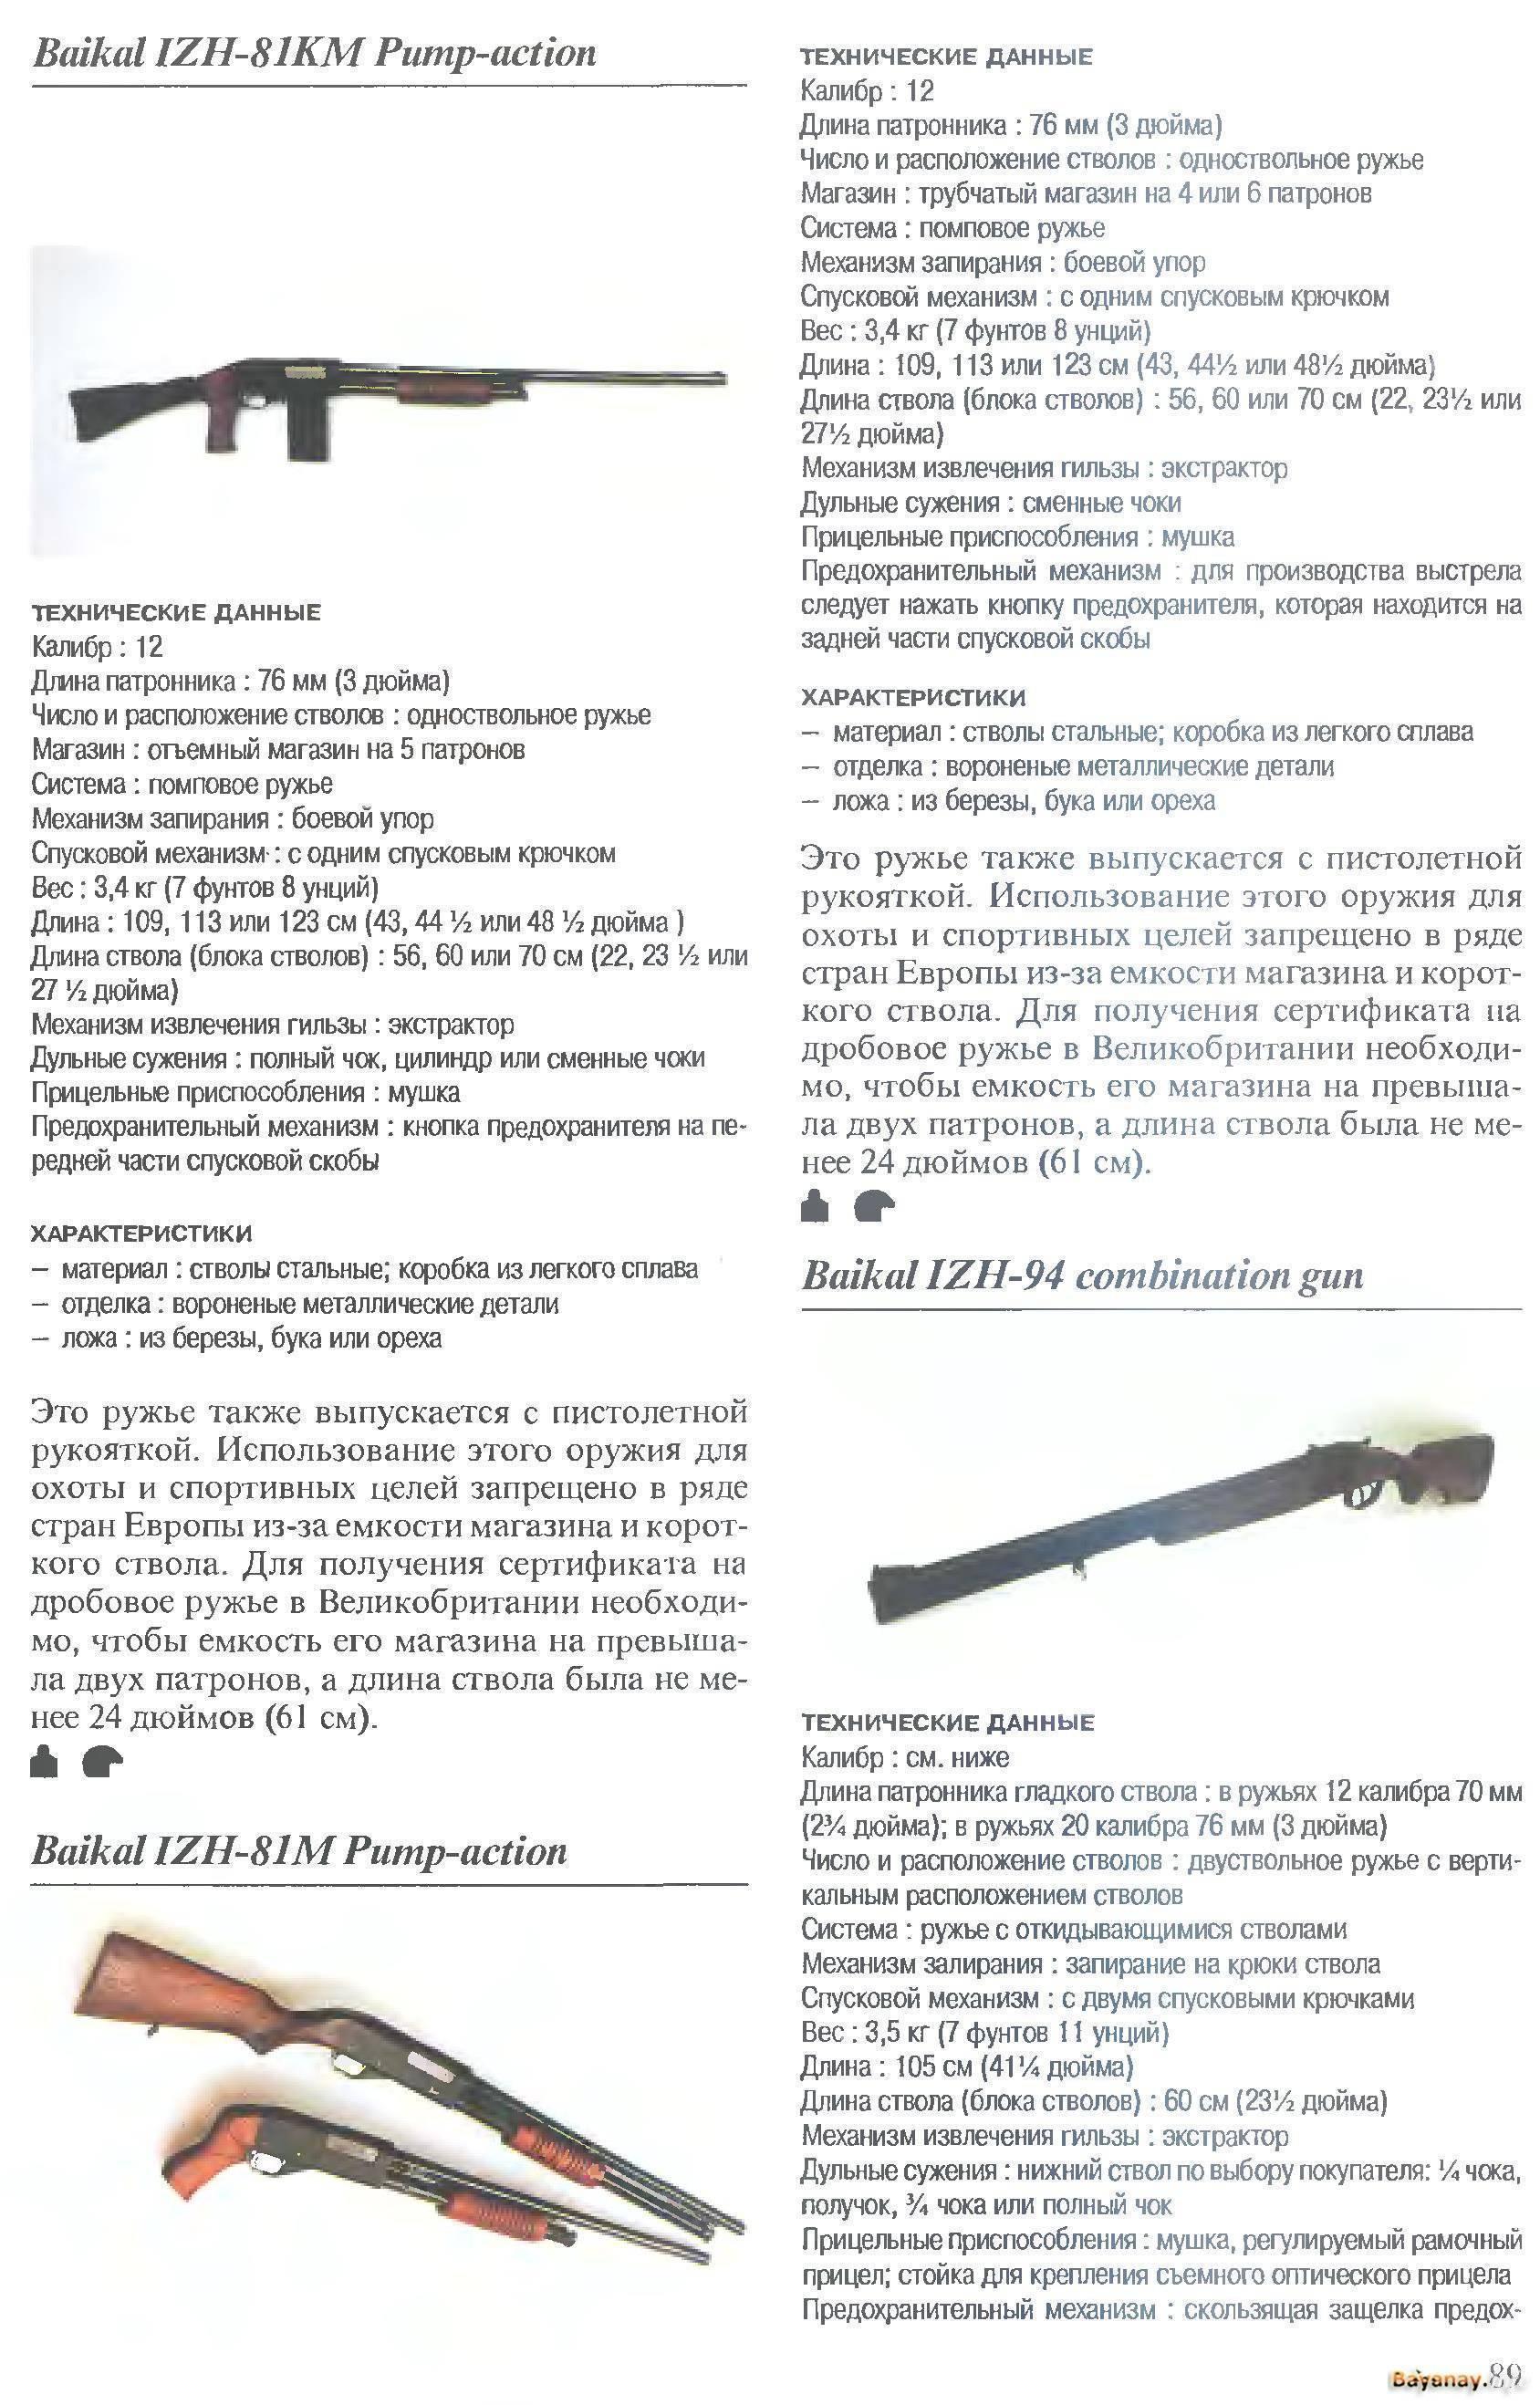 Турецкие ружья 12 калибра